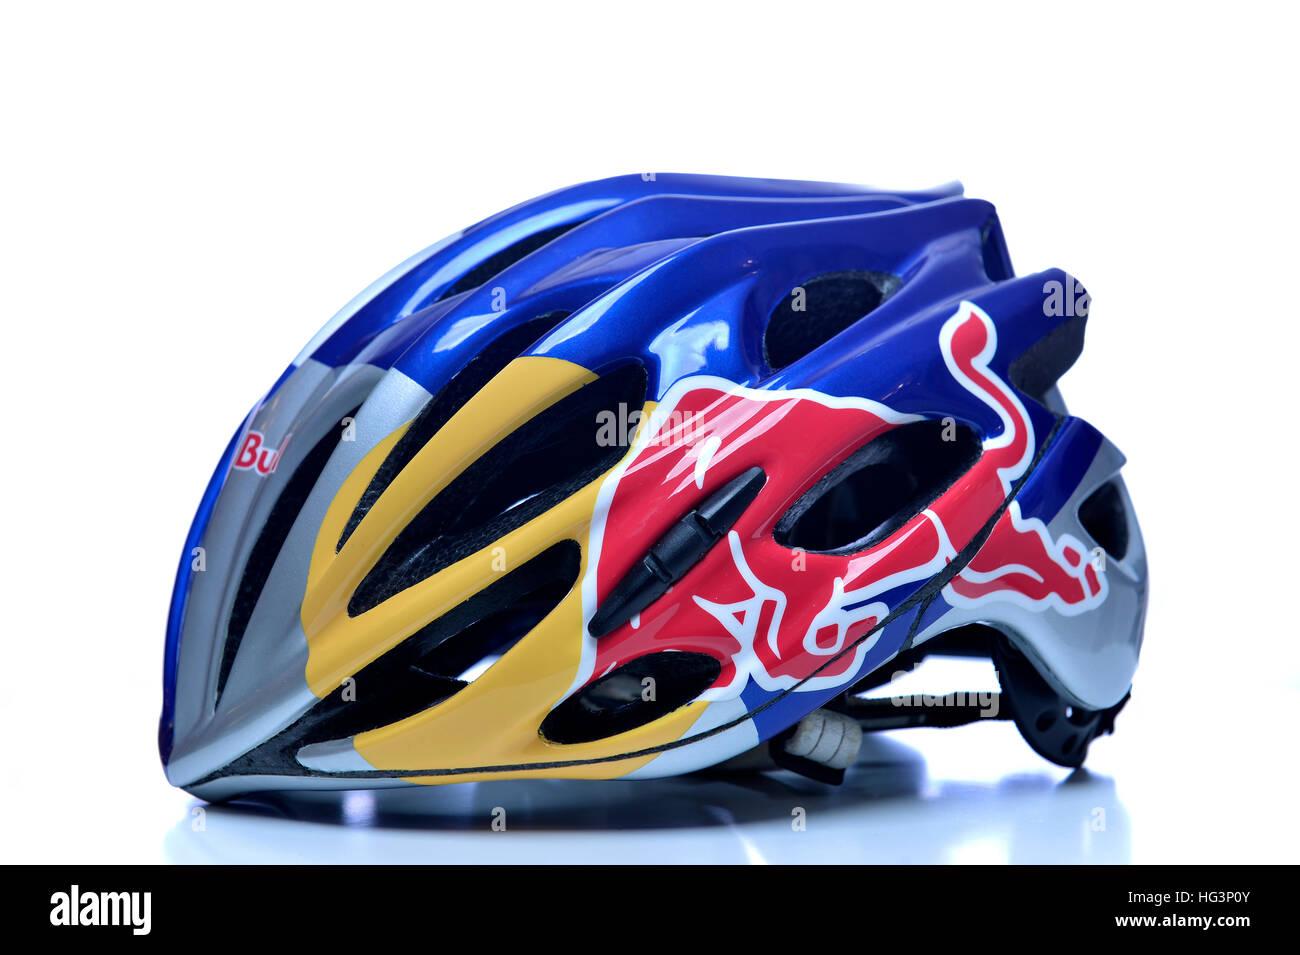 Red Bull Helmet Photos Red Bull Helmet Images Alamy